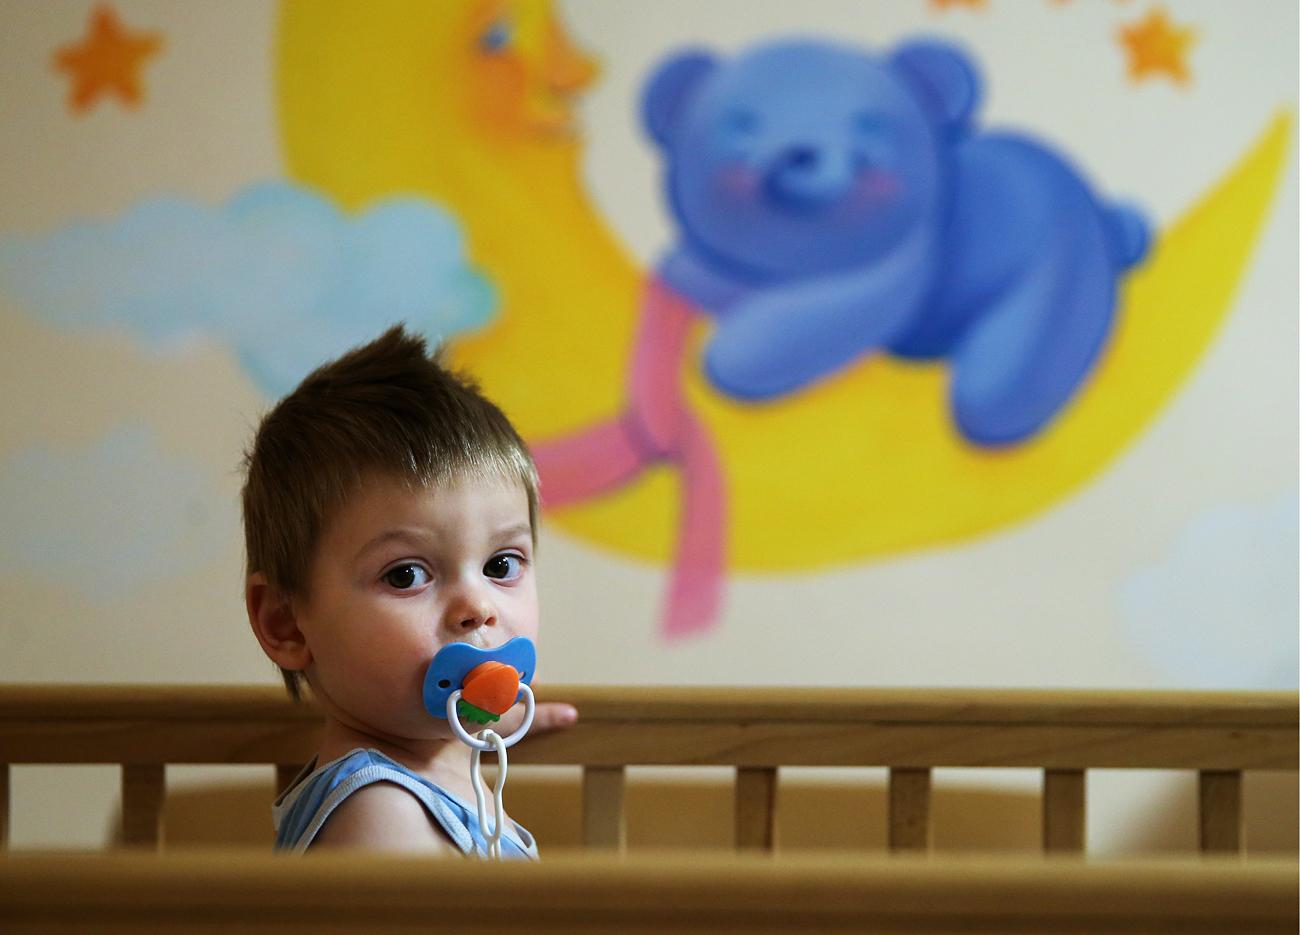 Menurut politikus Dewan Federasi Valentina Petrenko, kebebasan orang tua terkadang memicu terjadinya penyalahgunaan hak.